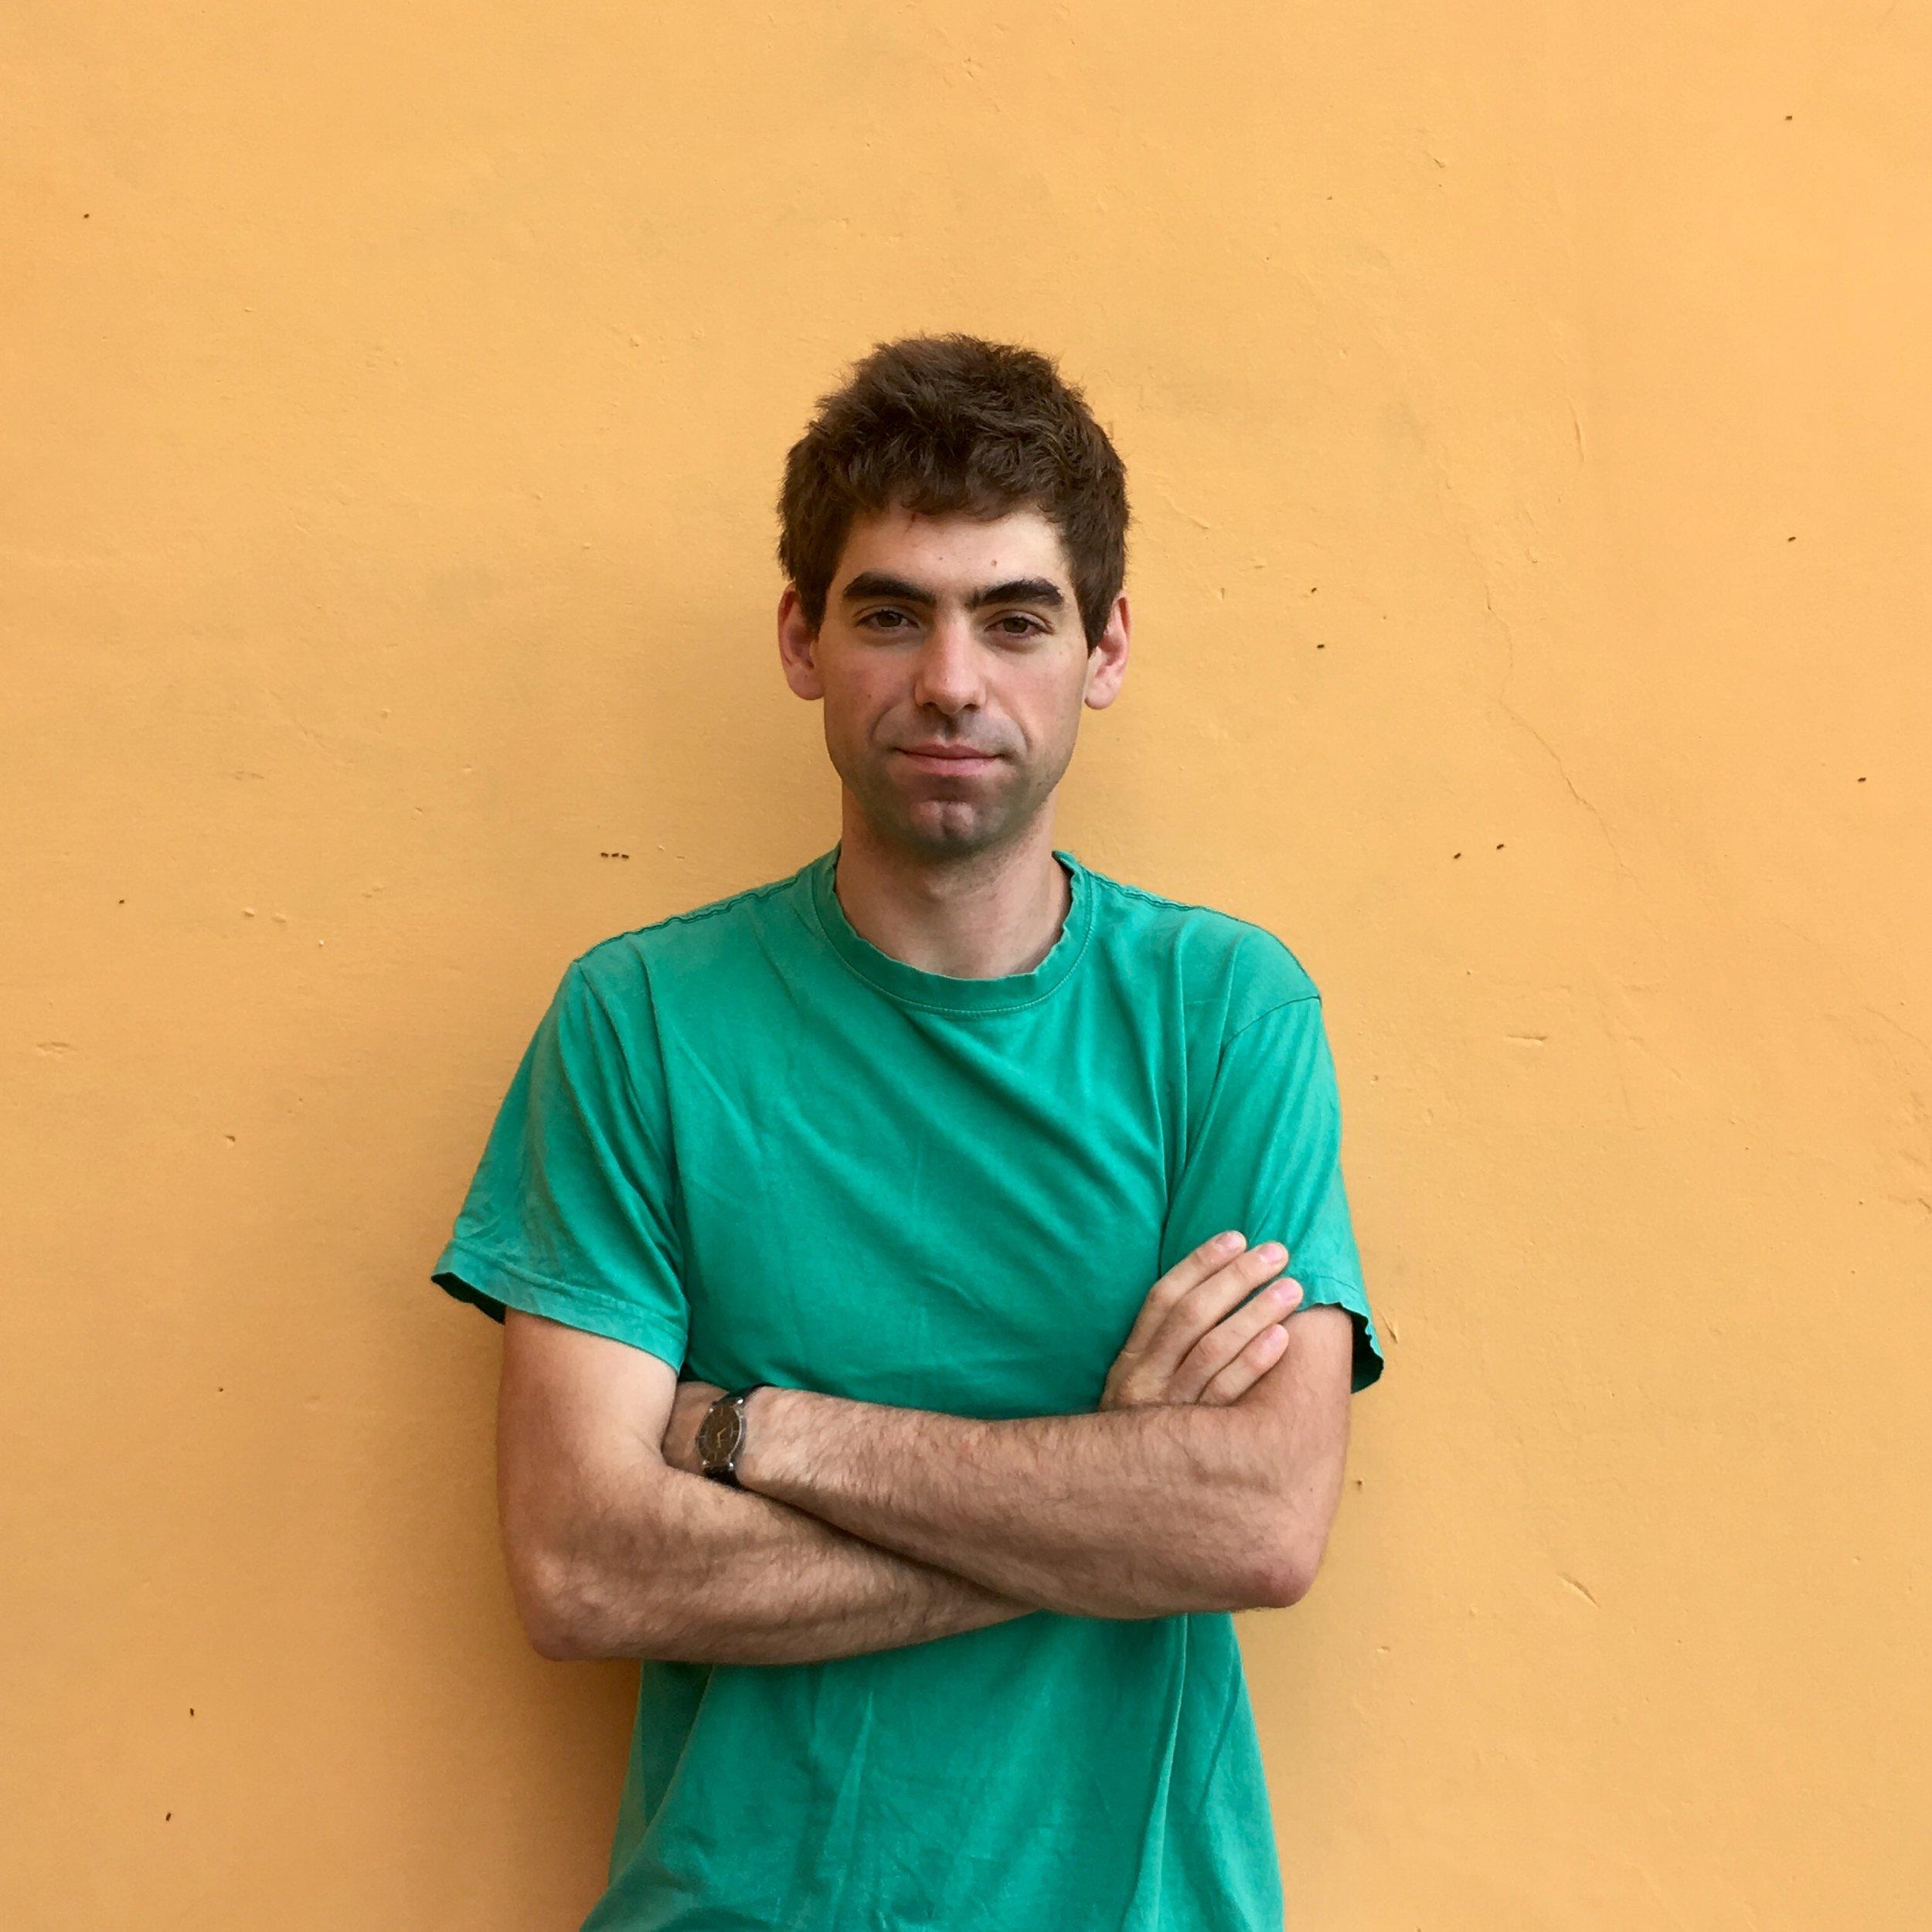 EUGENIO CARABBA - AROUND | HERE